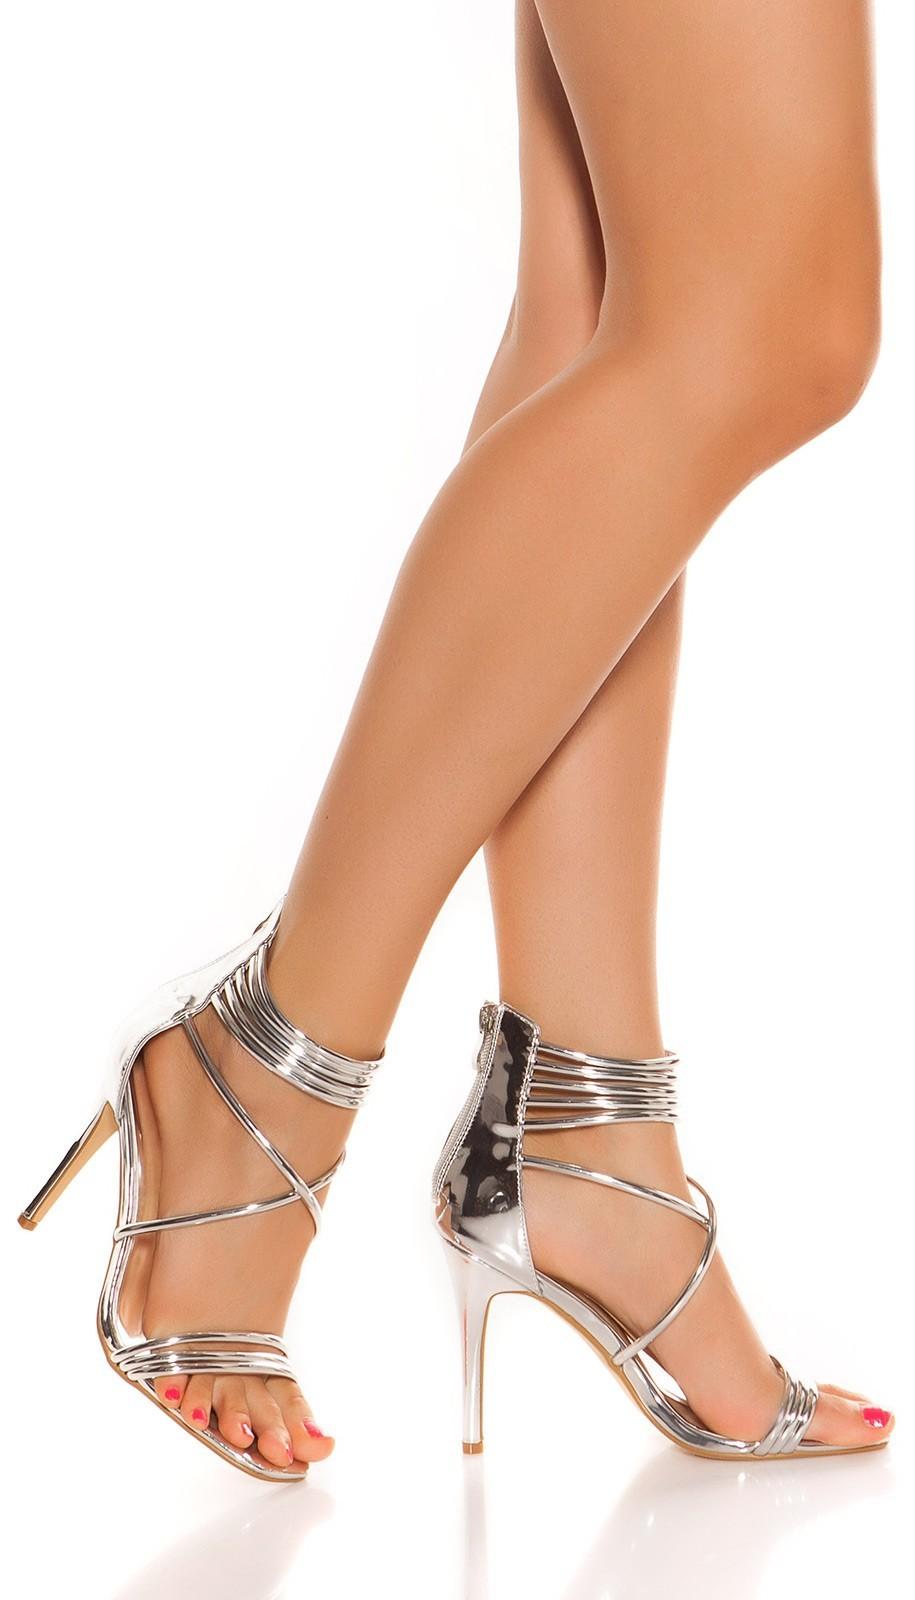 401b770d827f Sandále na vysokom podpätku Silver – Sissy Boutique